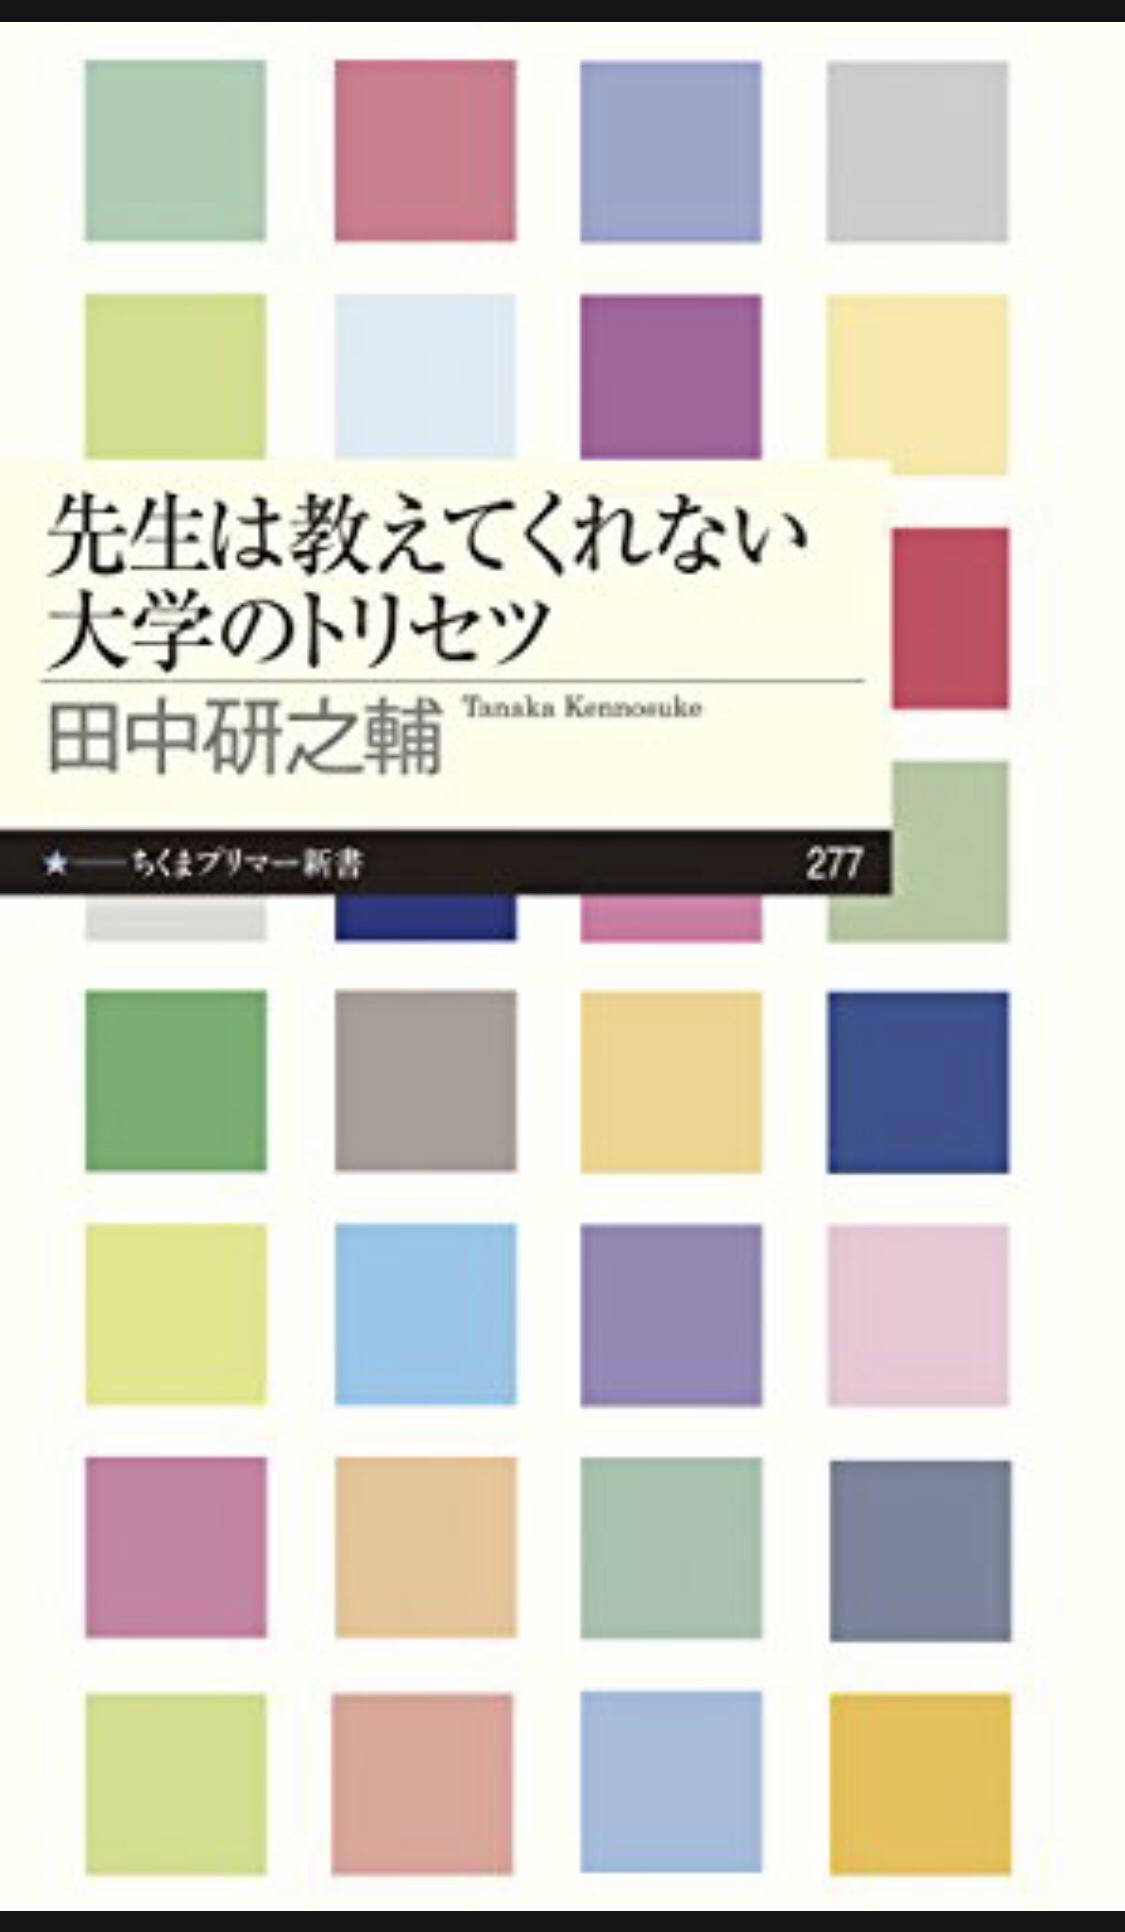 <書籍を知る>『先生は教えてくれない大学のトリセツ』田中 研之輔